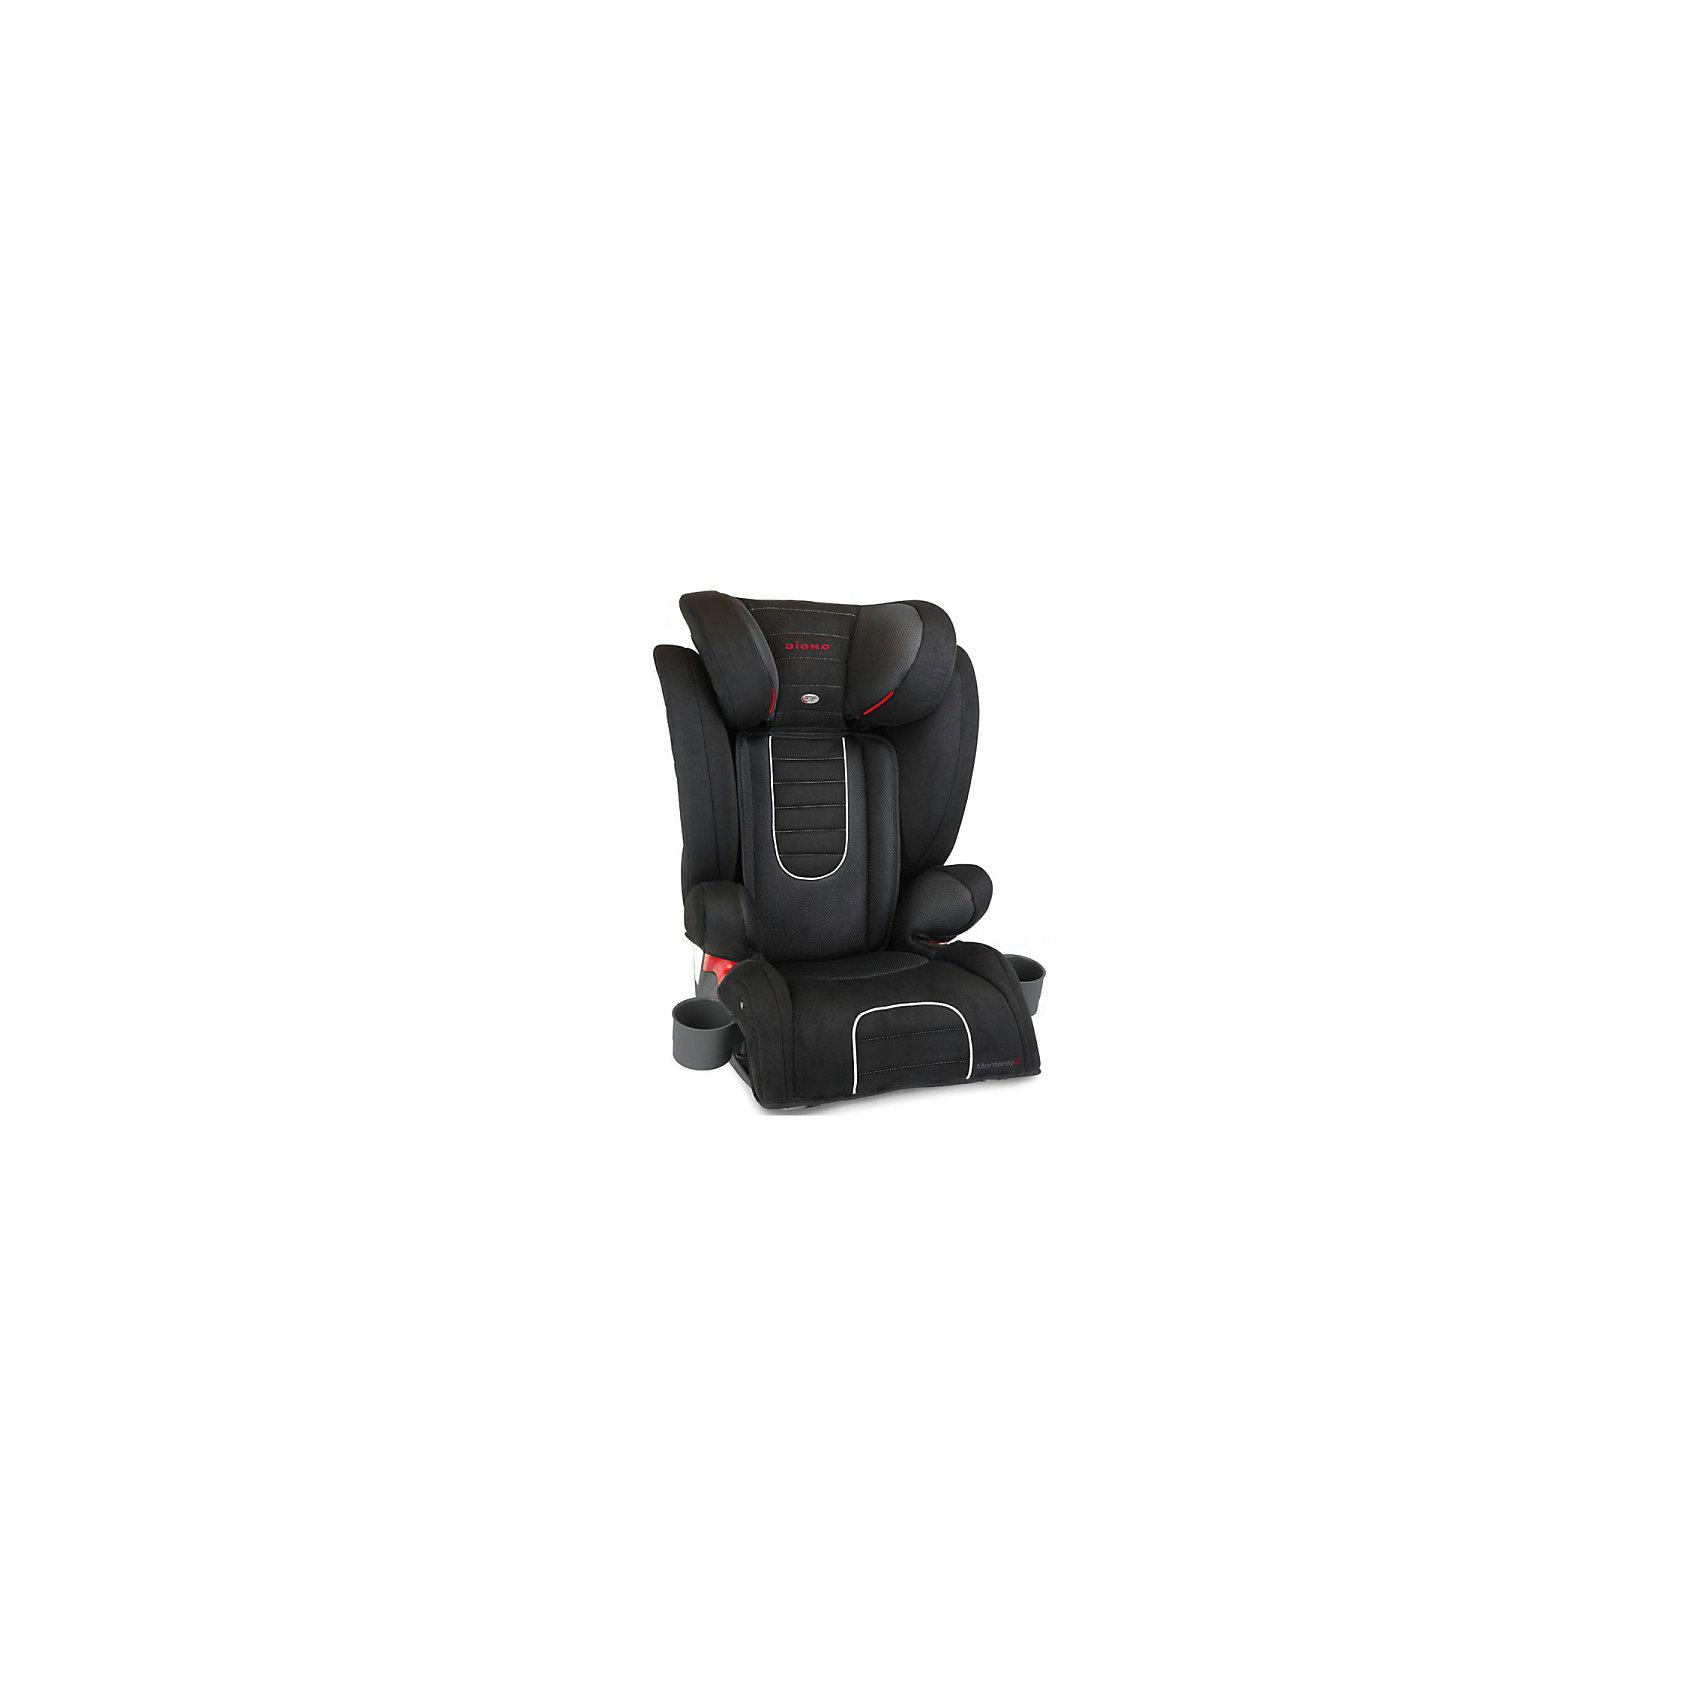 Автокресло Monterey 2, 15-36 кг., Diono, BlackDiono Monterey 2 Black - превосходное автокресло для безопасности и удобства ребенка во время длительных поездок. Кресло удобно устанавливается по ходу движения автомобиля, благодаря 3-точечным ремням и легкой регулировке креплений с системой Isofix. Для повышенной безопасности автокресло оборудовано глубоким регулируемым подголовником и боковыми подушками. Удобство ребенку обеспечат регулируемая спинка, мягкая подкладка и два удобных подстаканника. Это кресло надежно защитит вашего ребенка!<br>Особенности и преимущества:<br>-для детей от 15 до 36 кг<br>-крепления Isofix<br>-боковые подушки для дополнительной боковой защиты<br>-11 положений подголовника; регулируется на высоту до 16 см<br>-дополнительные ремни безопасности<br>-2 подстаканника<br>-чехол легко снимается для стирки<br>Цвет: черный<br>Материал: металл, текстиль, пластик<br>Размеры: 50x40,5х66 см<br>Вес: 7,1 кг<br>Автокресло Diono Monterey 2 Black  можно купить в нашем интернет-магазине.<br><br>Ширина мм: 670<br>Глубина мм: 360<br>Высота мм: 430<br>Вес г: 8800<br>Возраст от месяцев: 48<br>Возраст до месяцев: 144<br>Пол: Унисекс<br>Возраст: Детский<br>SKU: 2614576